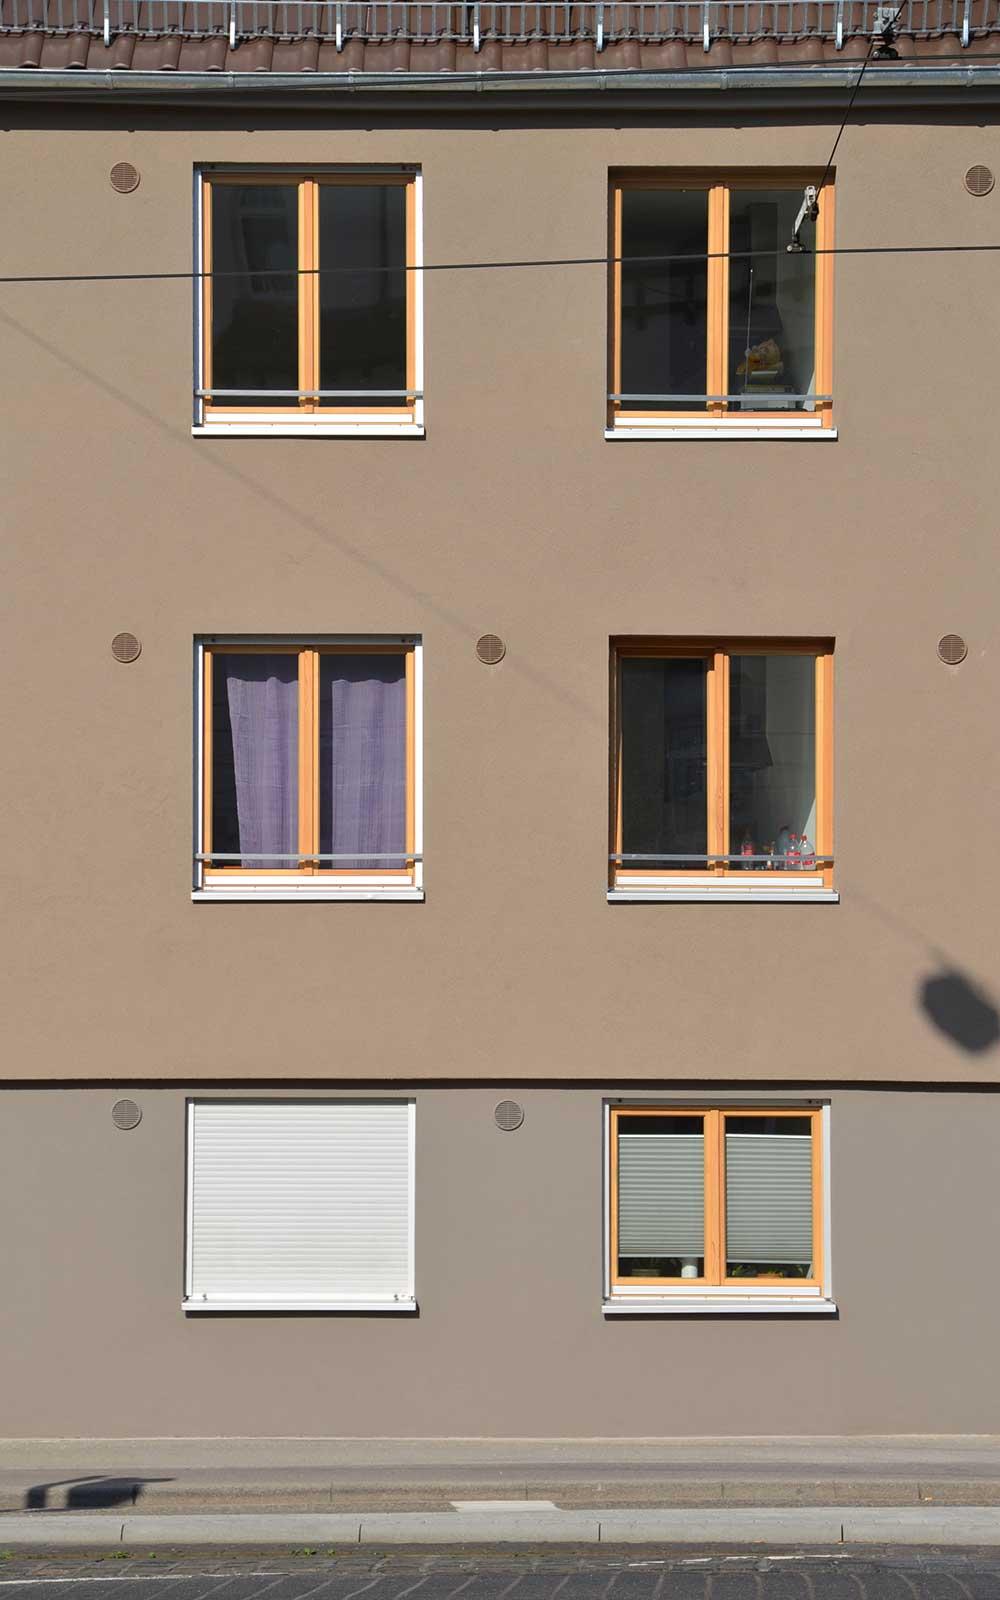 Hans Thoma Wohnheim Handschuhsheim, Kochhan und Weckbach Architekten Heidelberg